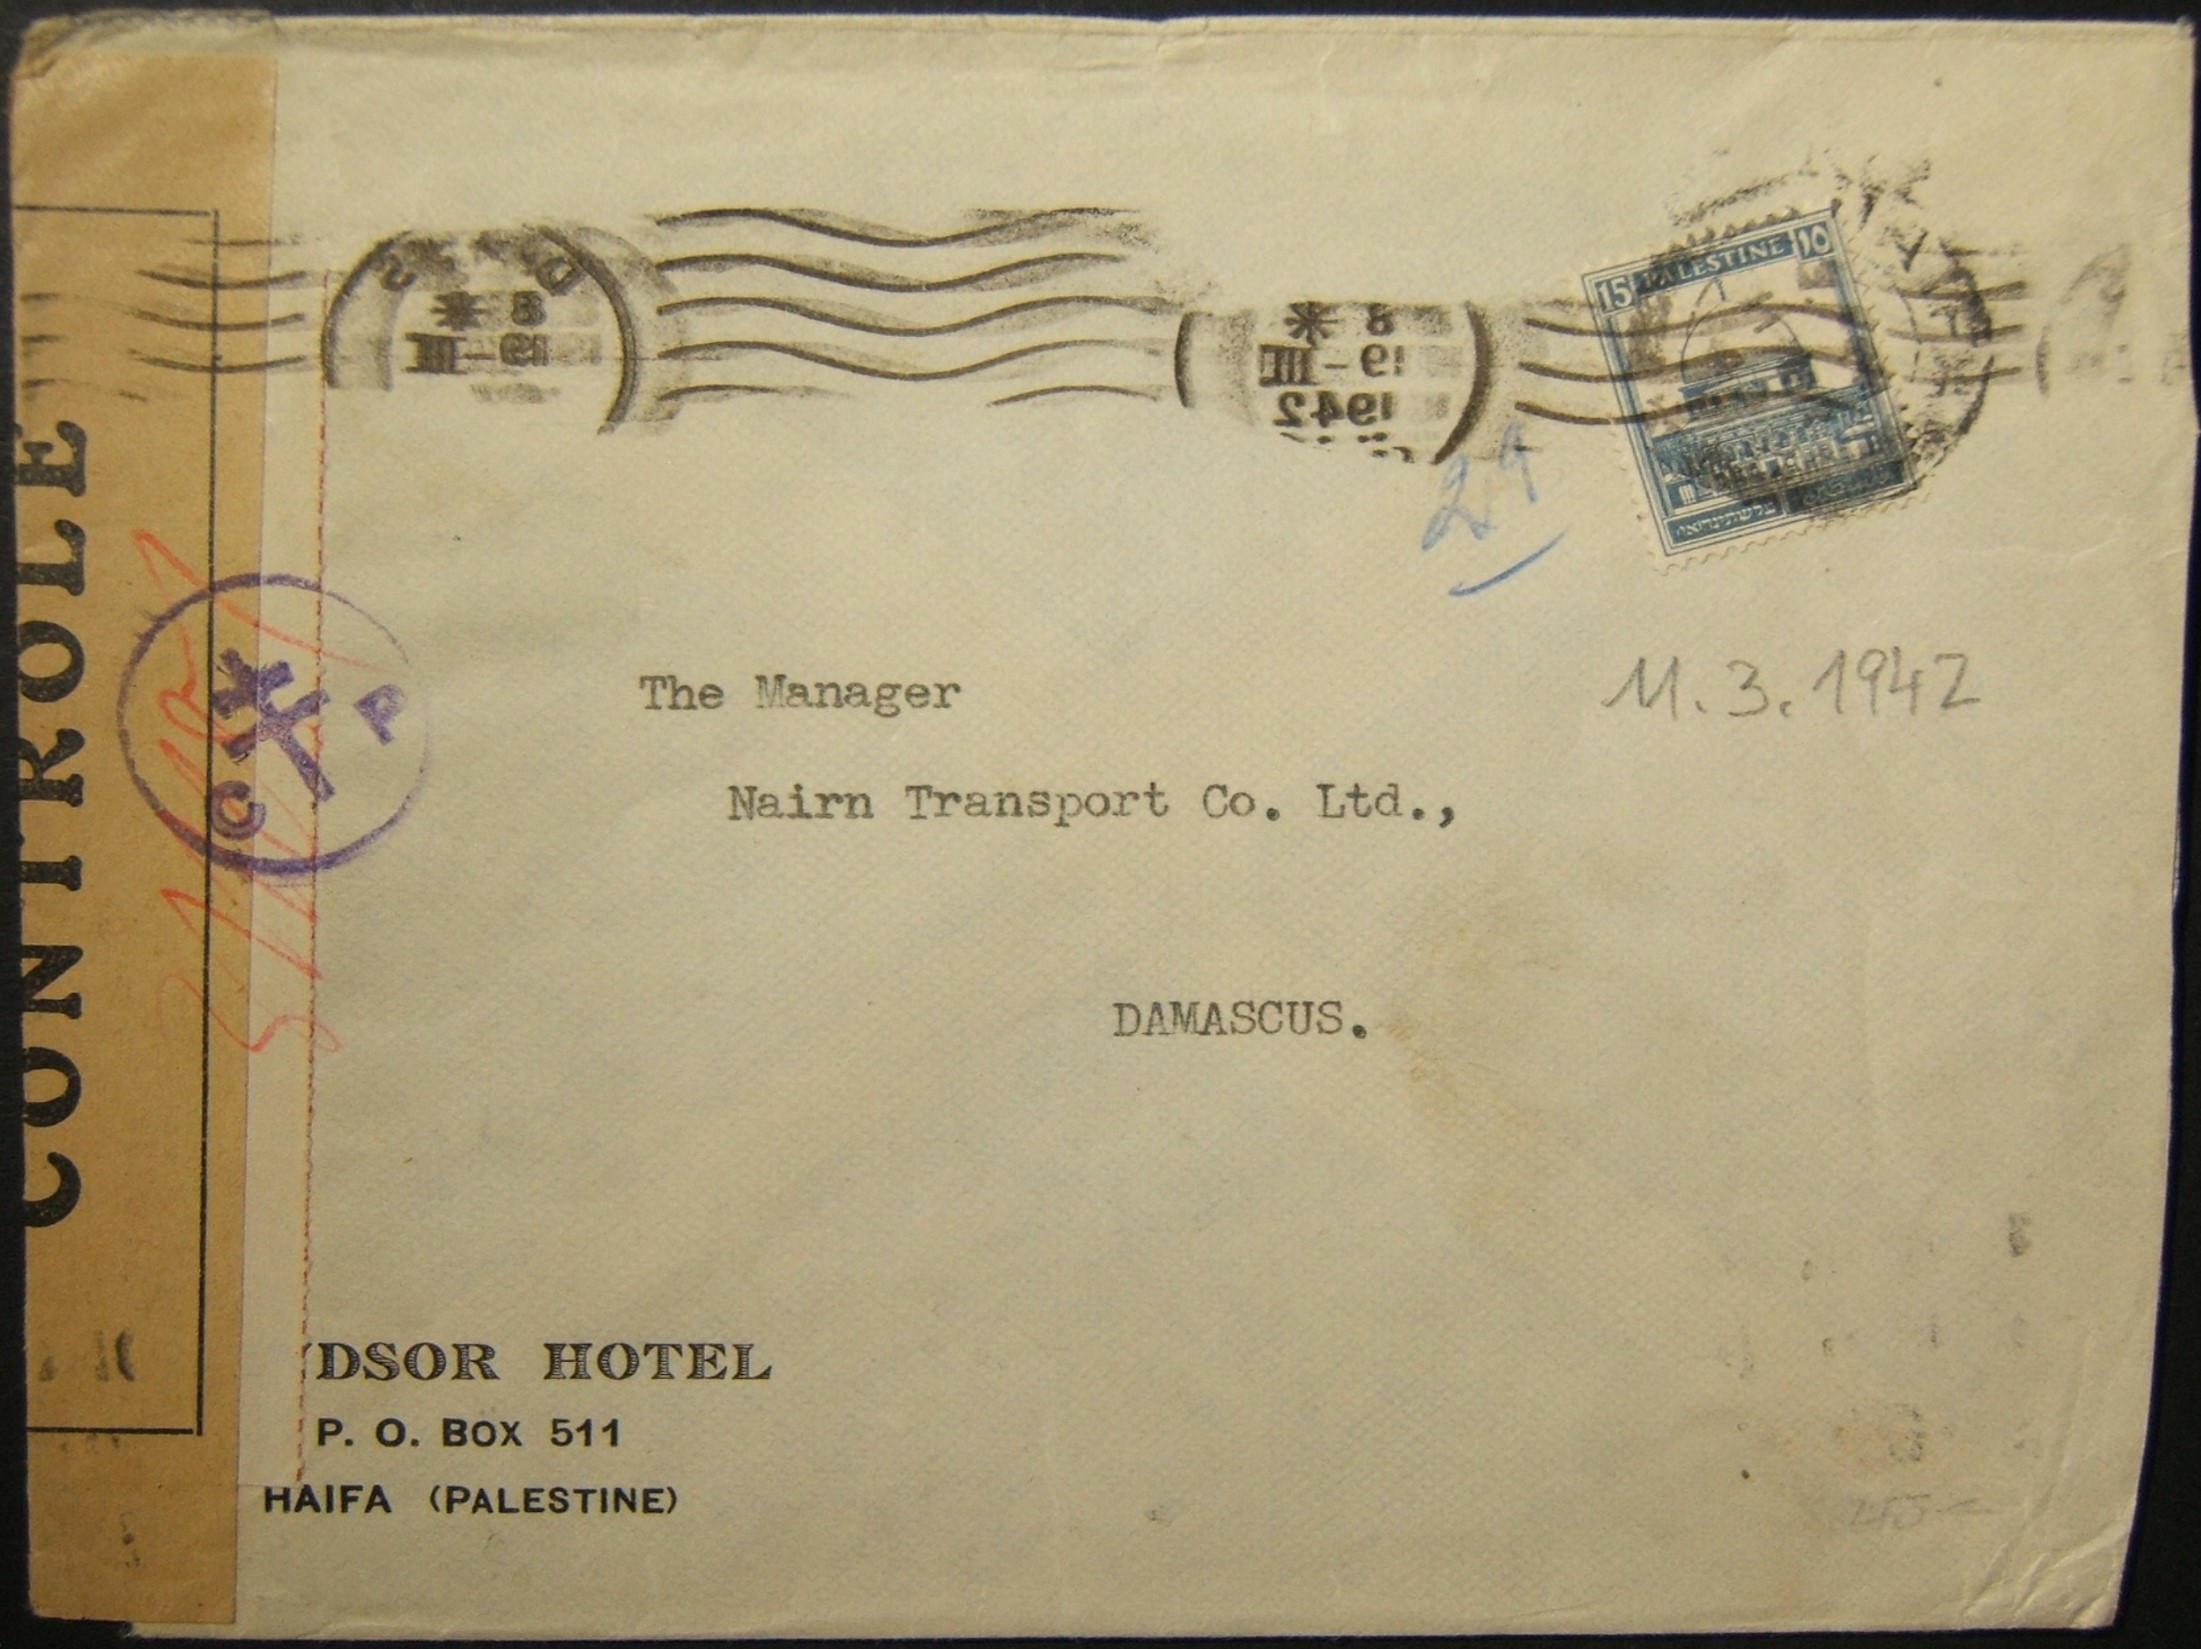 11/1941 מלחמת העולם השנייה דואר מזרחה של דואר יוצא מחיפה ל- DAMASCUS דרך BEIRUT